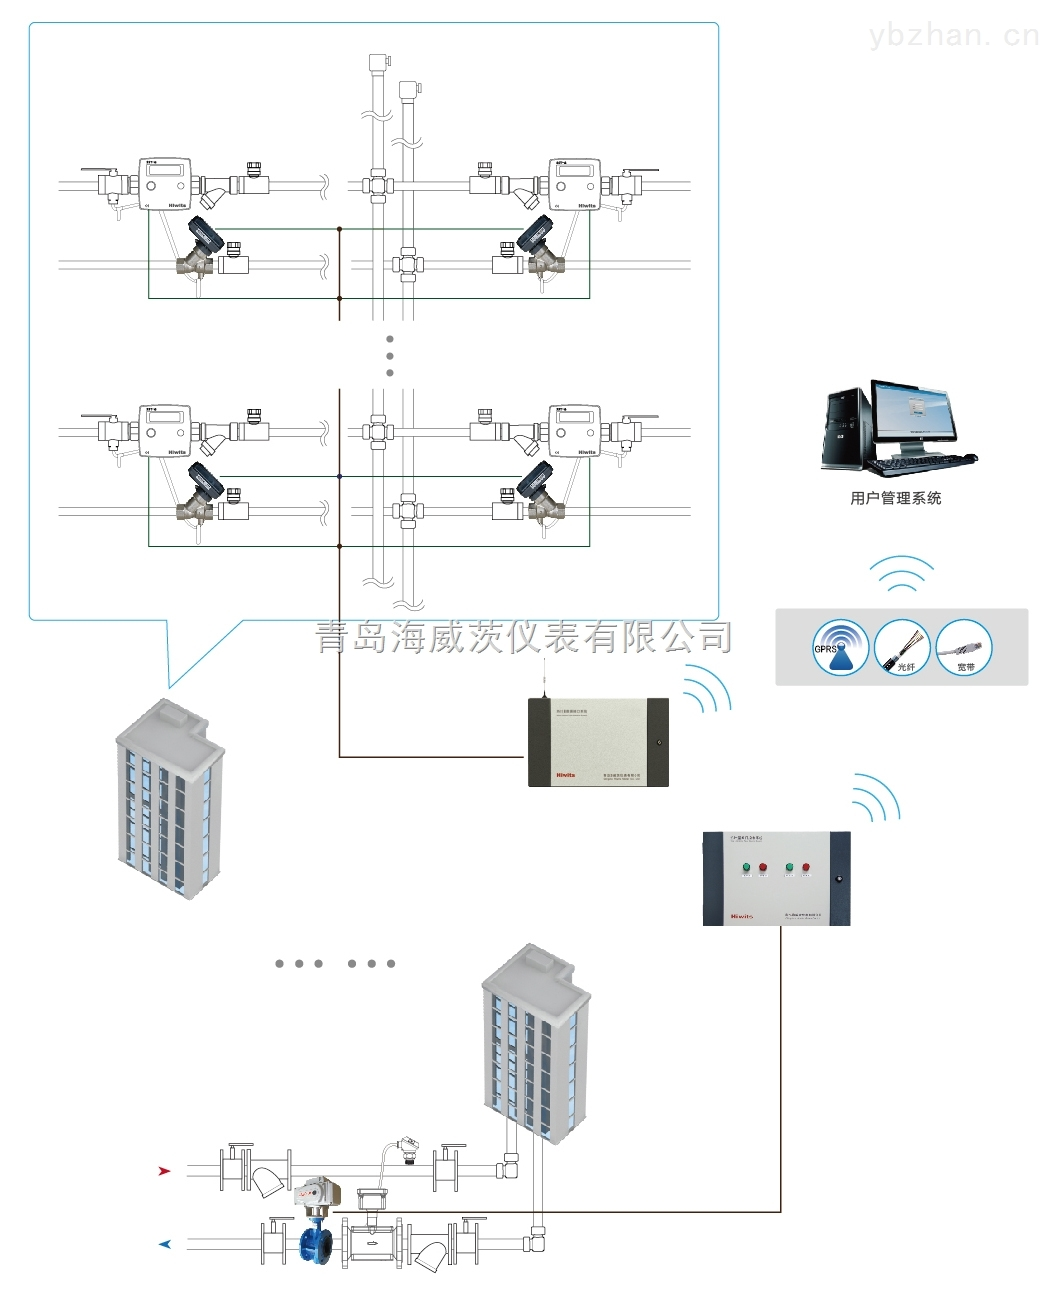 海威茨供热远程控制系统